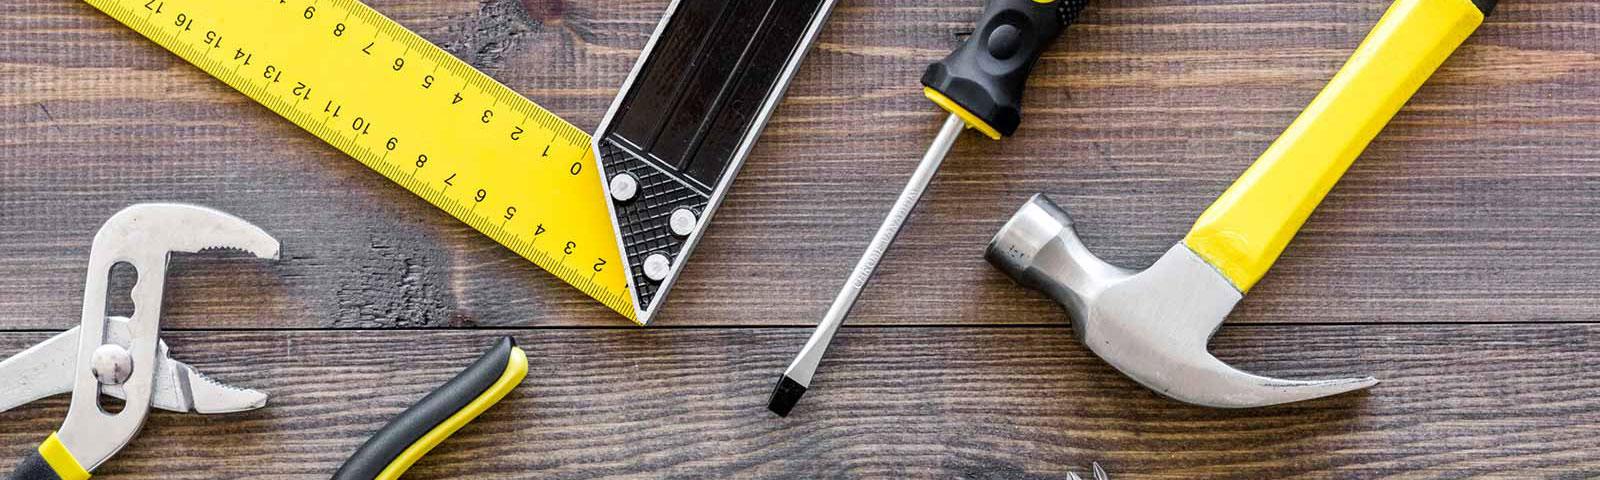 utensileria marini ferramenta